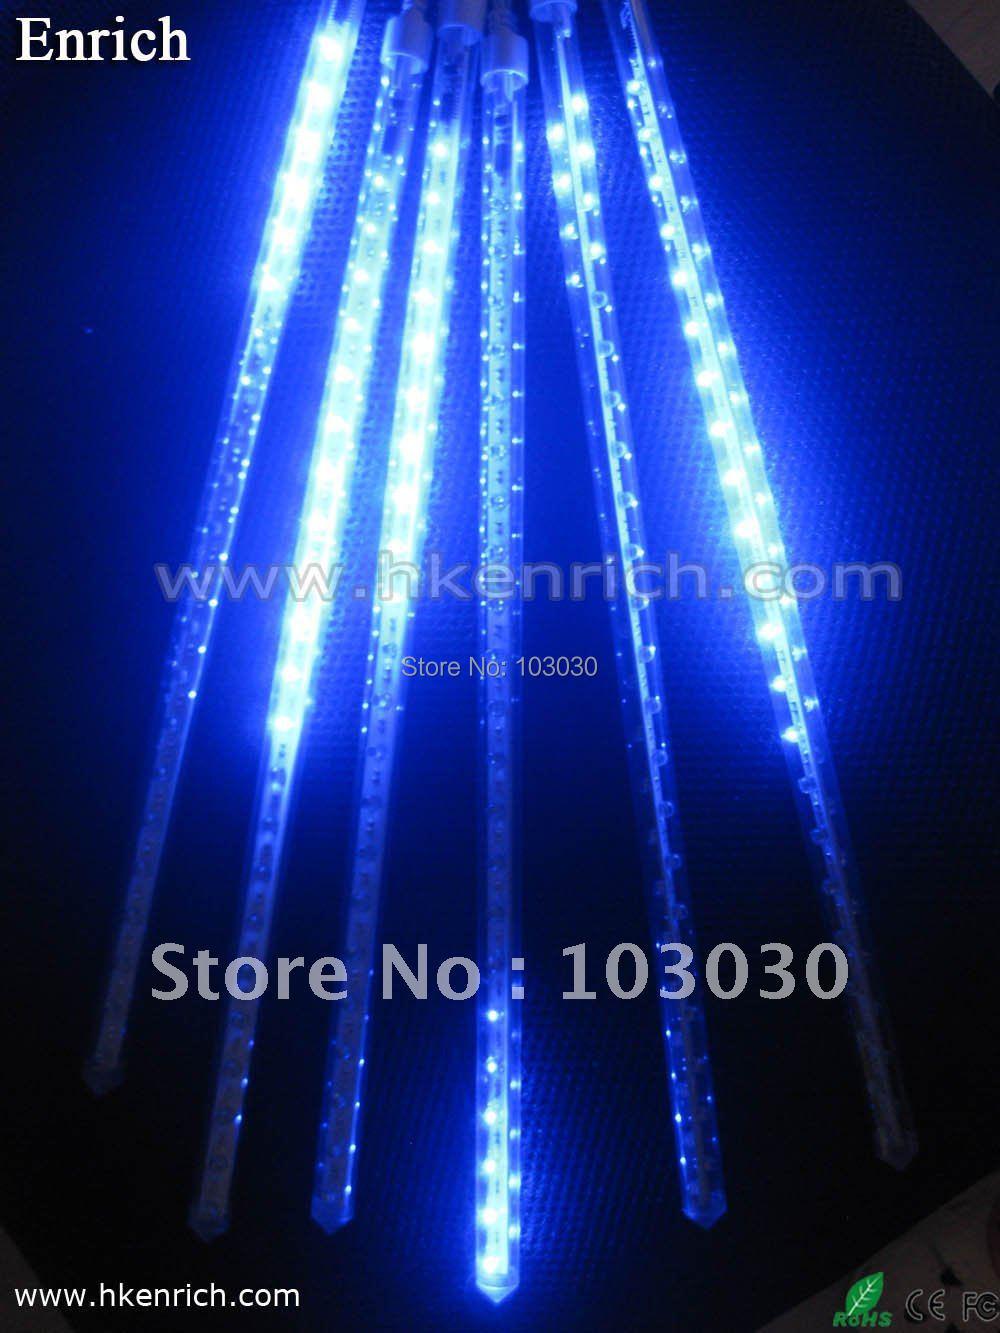 6pcs/set 40cm Mini type LED Meteor Light LED Rain light double-sided with Free Shipping(China (Mainland))